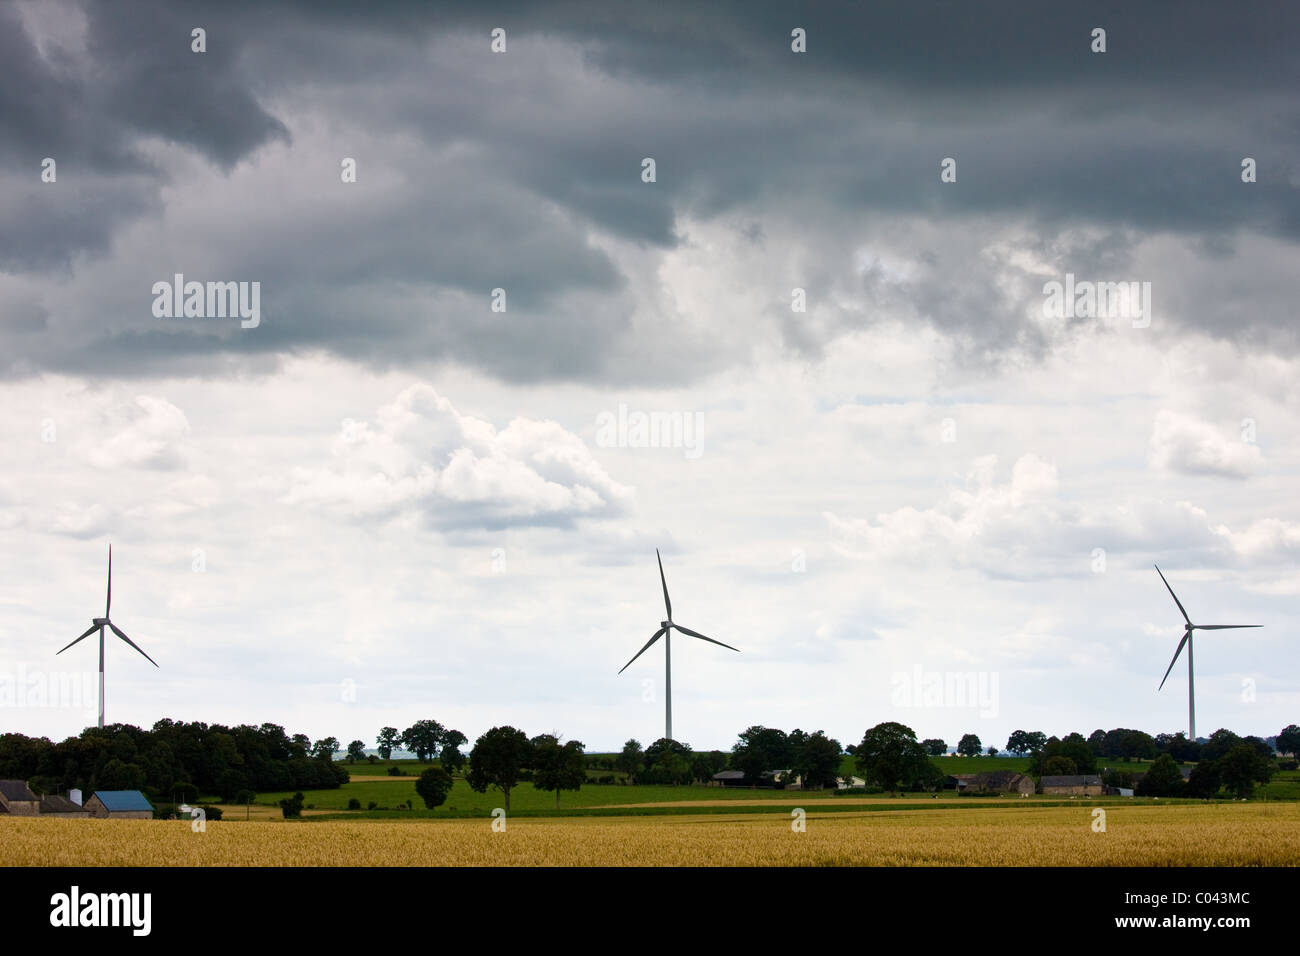 Windturbinen für Windenergie in Wiese in ländlichen Normandie, Frankreich Stockbild